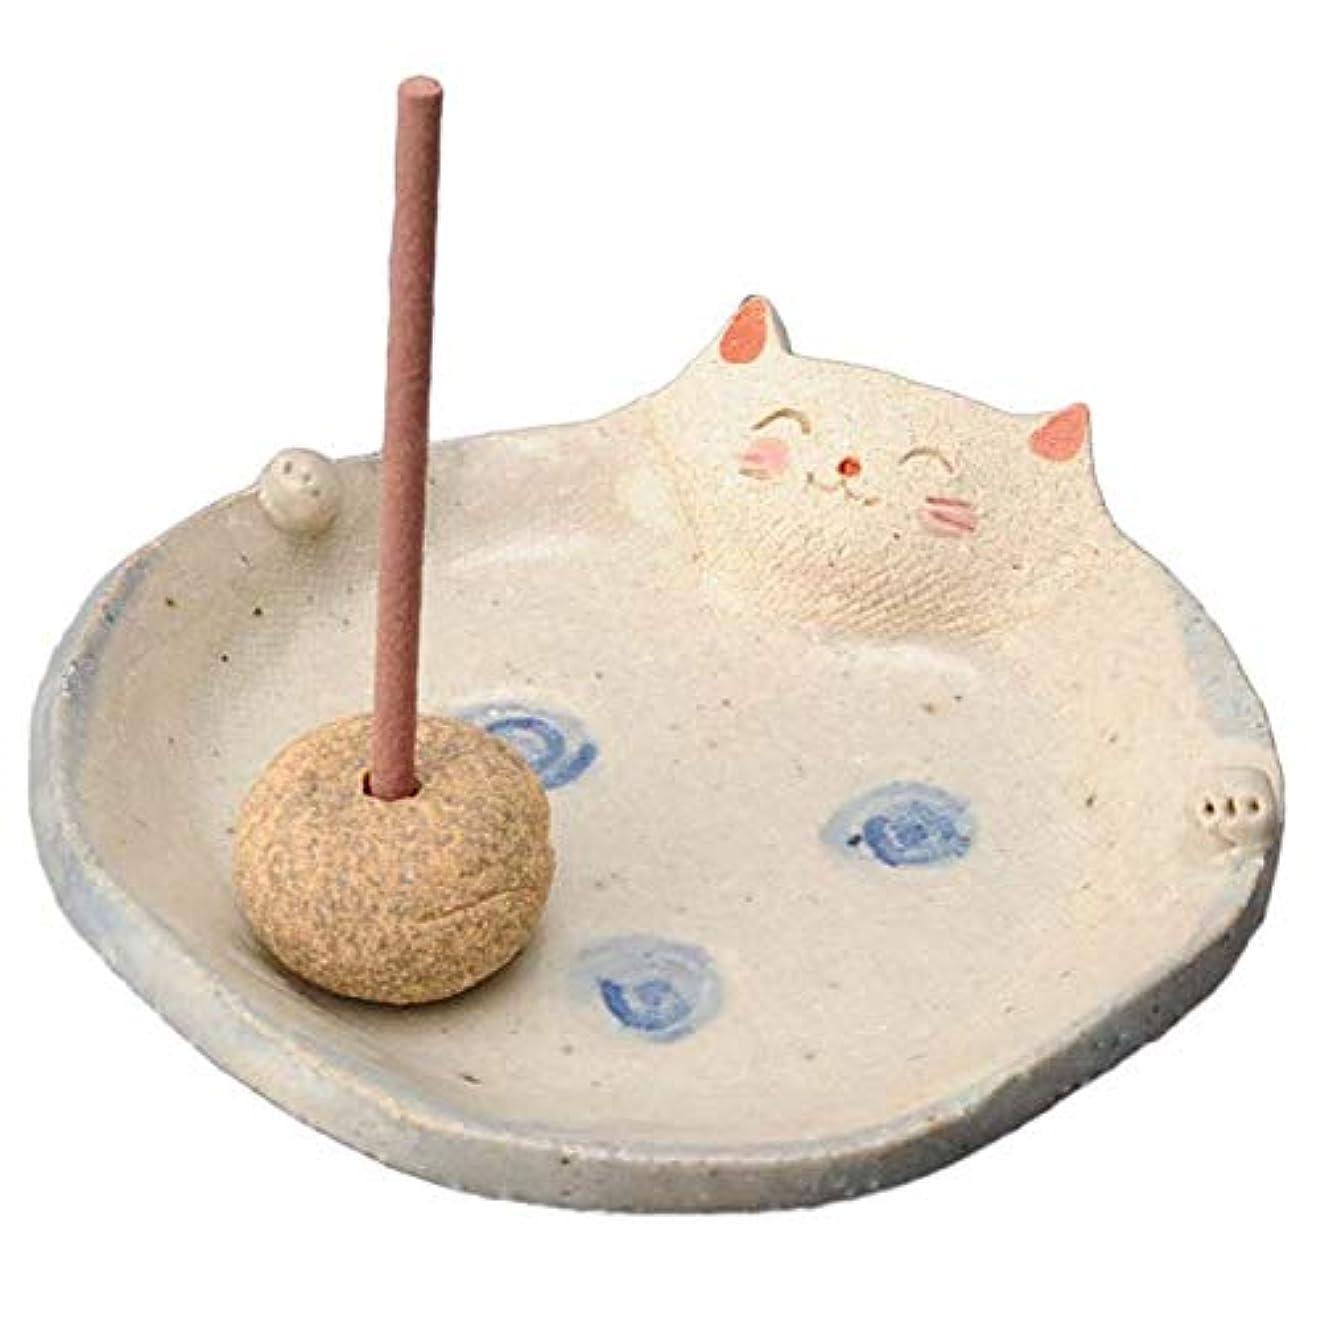 インタネットを見る重荷滑る手造り 香皿 香立て/ふっくら 香皿(ネコ) /香り アロマ 癒やし リラックス インテリア プレゼント 贈り物